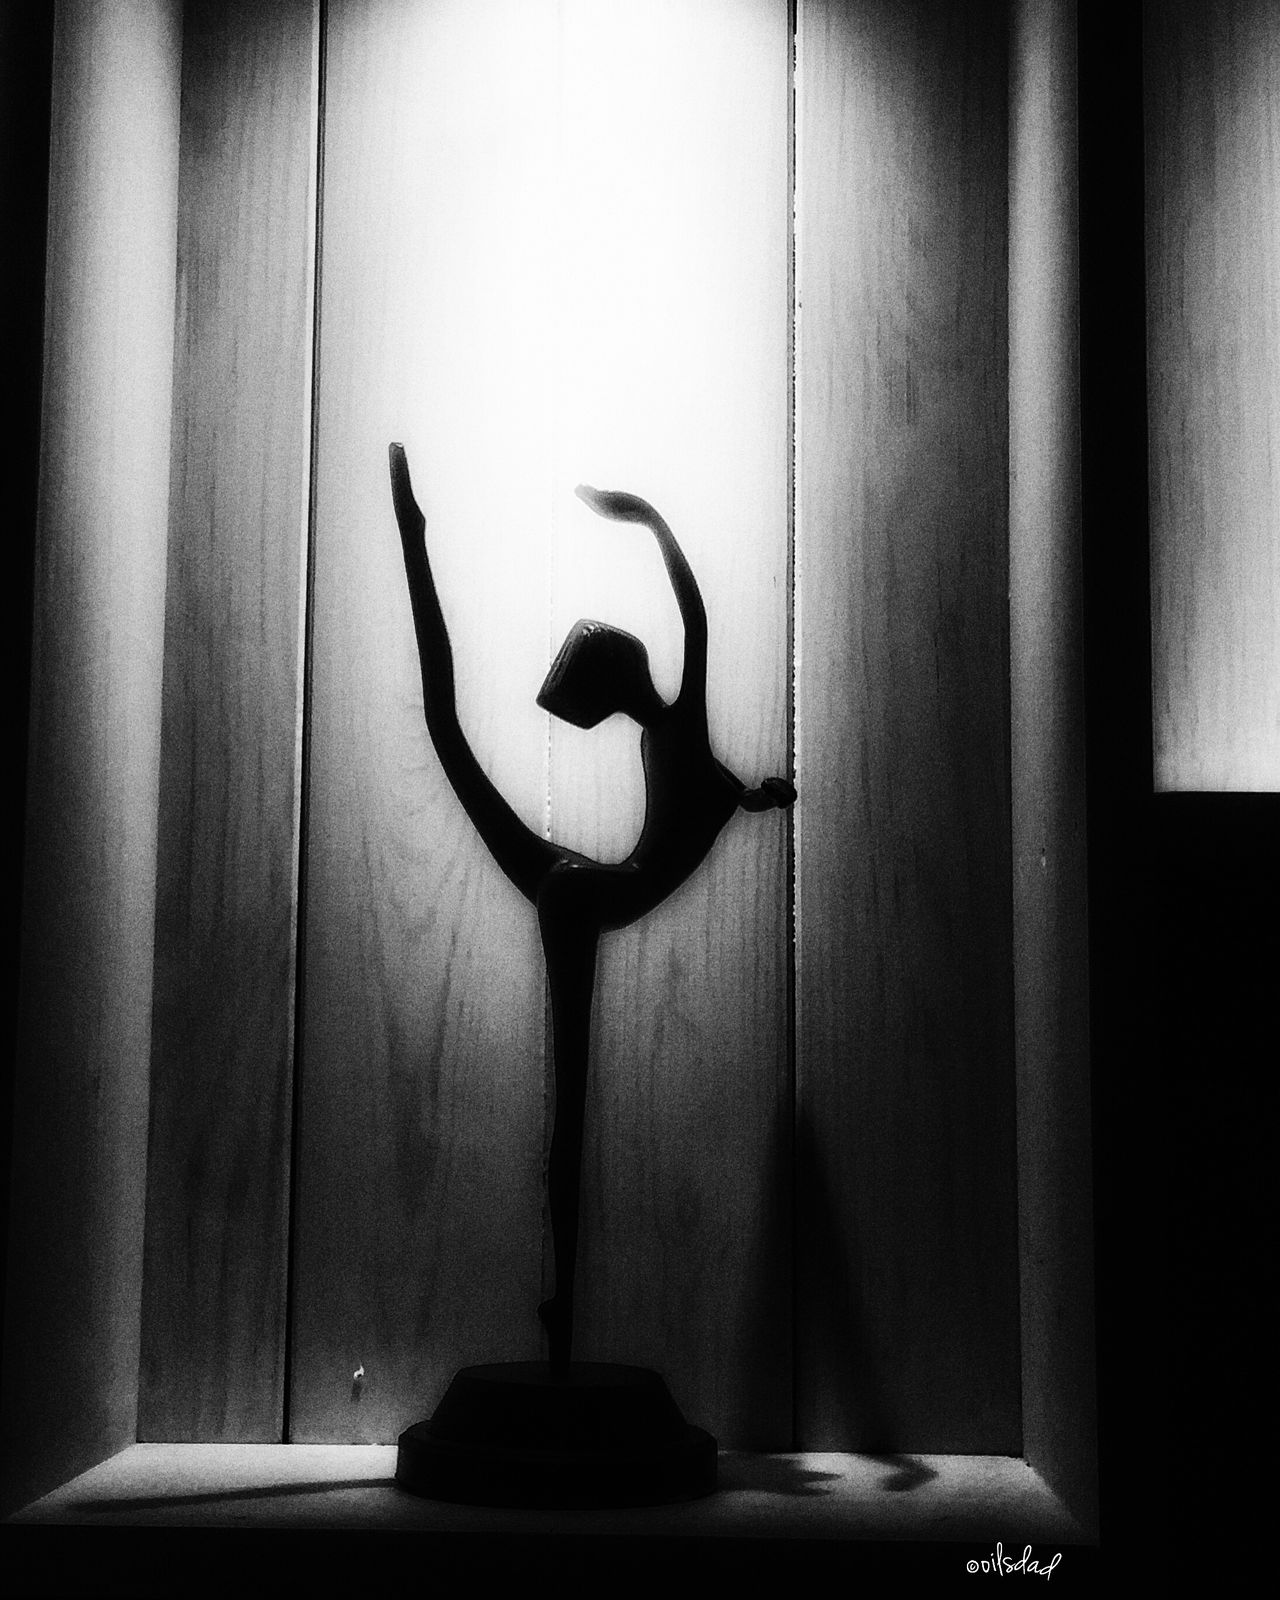 Showcase: November Blackandwhite EyeEm Best Shots - Black + White Eye4photography